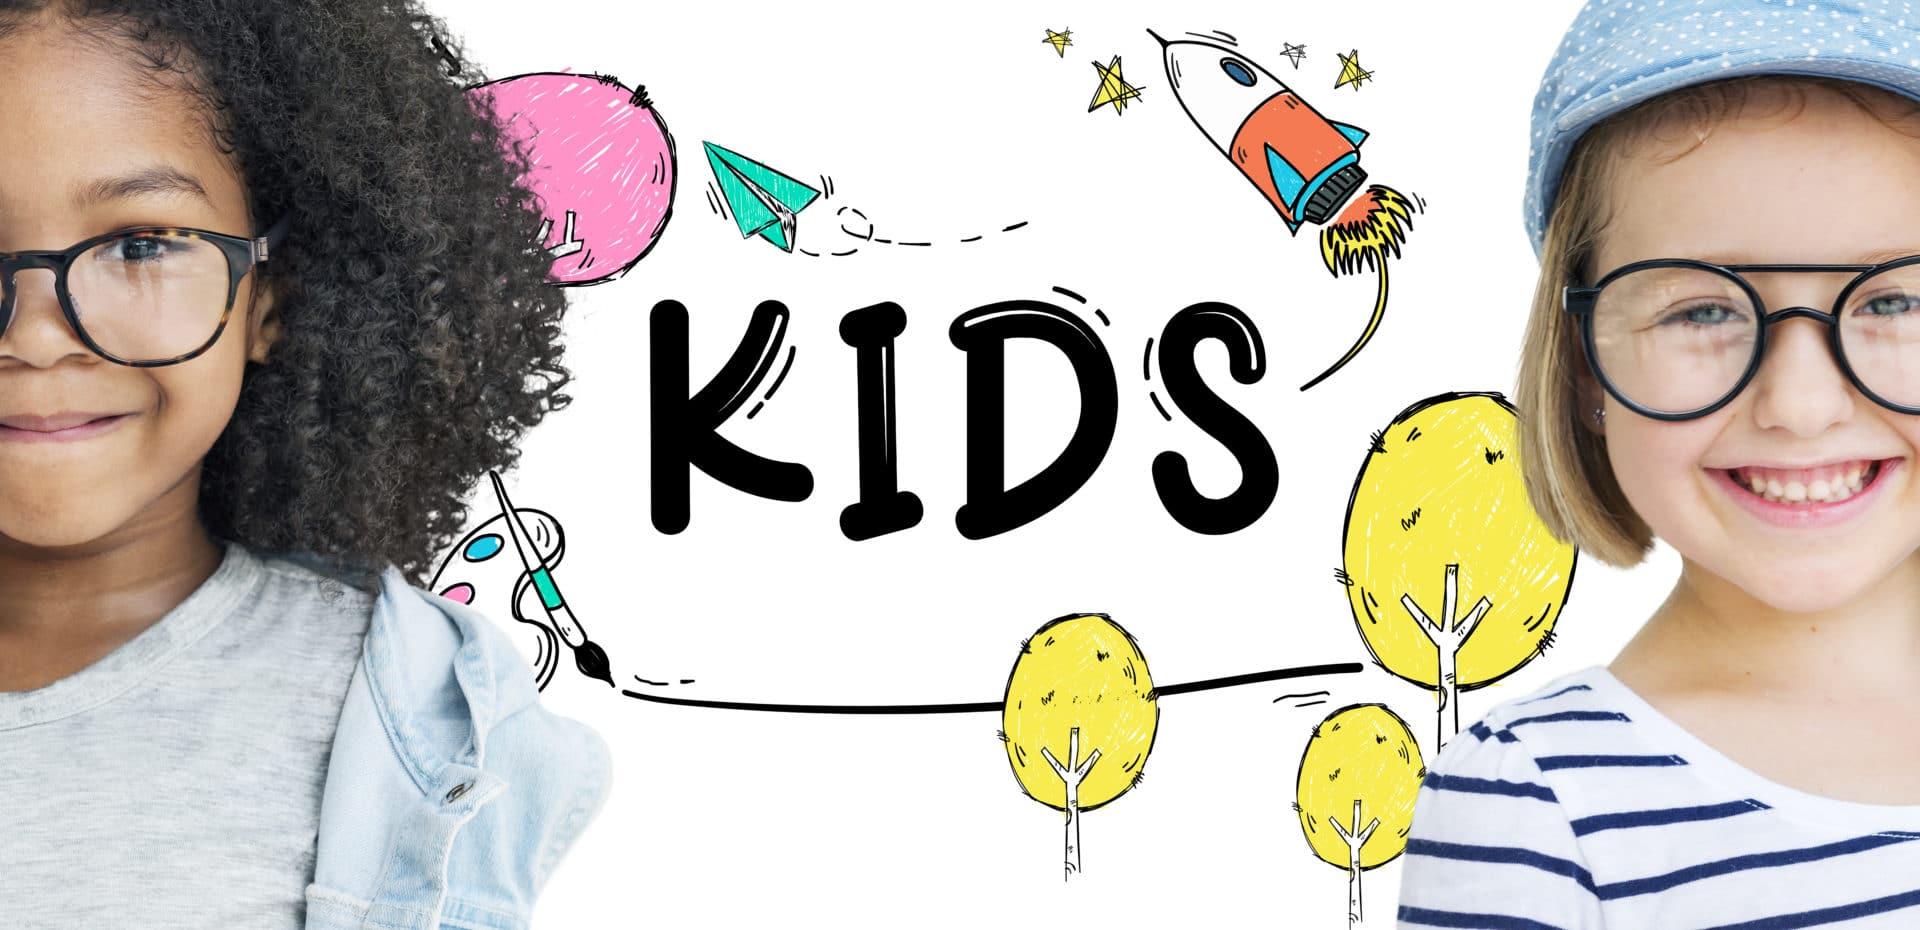 Idée cadeau pour enfant (fille) de 6 ans à 12 ans – Jeux et  jouets cadeaux d'anniversaire ou de noel